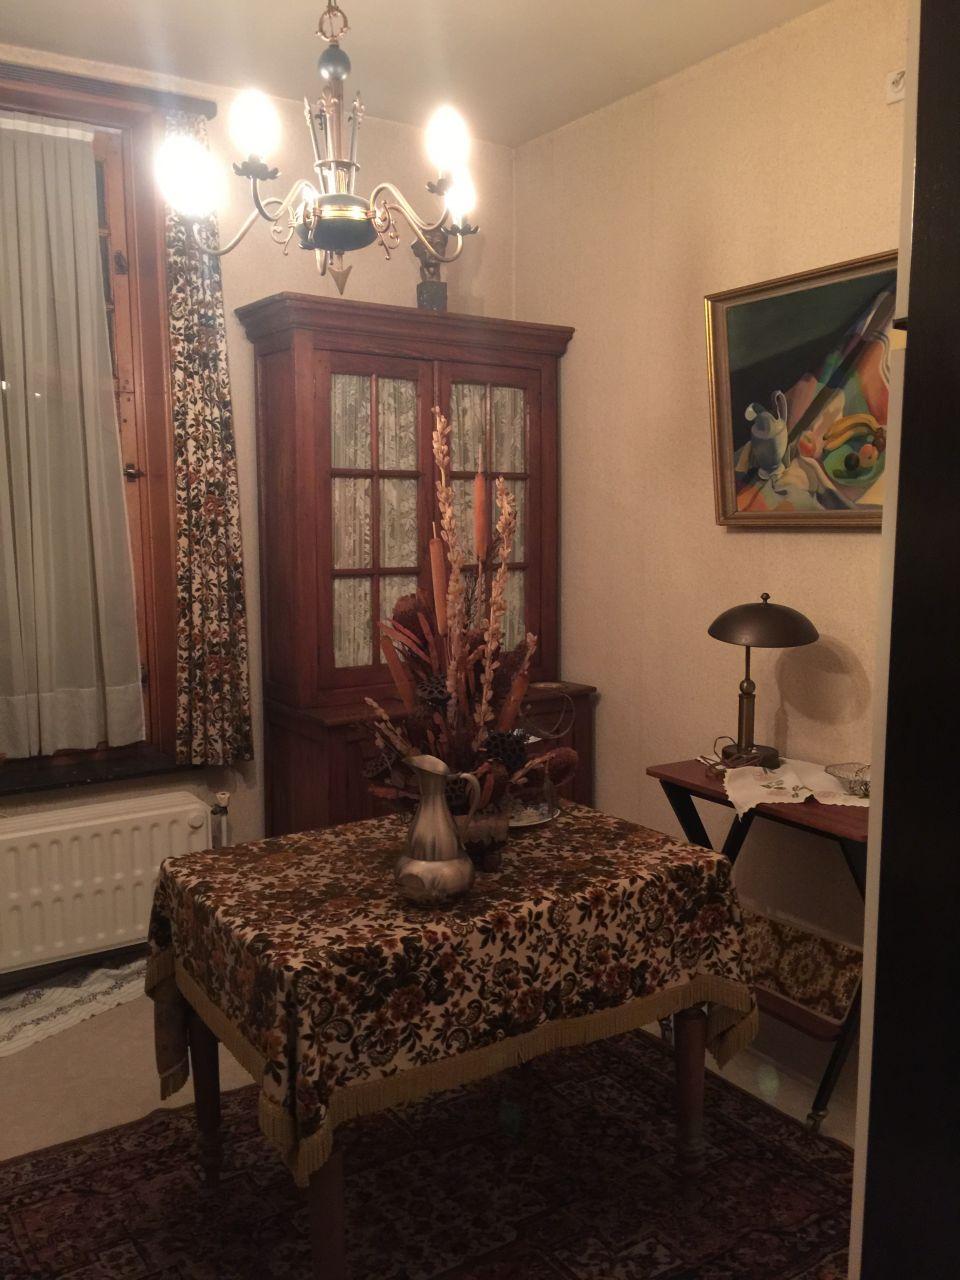 Chambre 2 avant que la maison ne soit vidée.